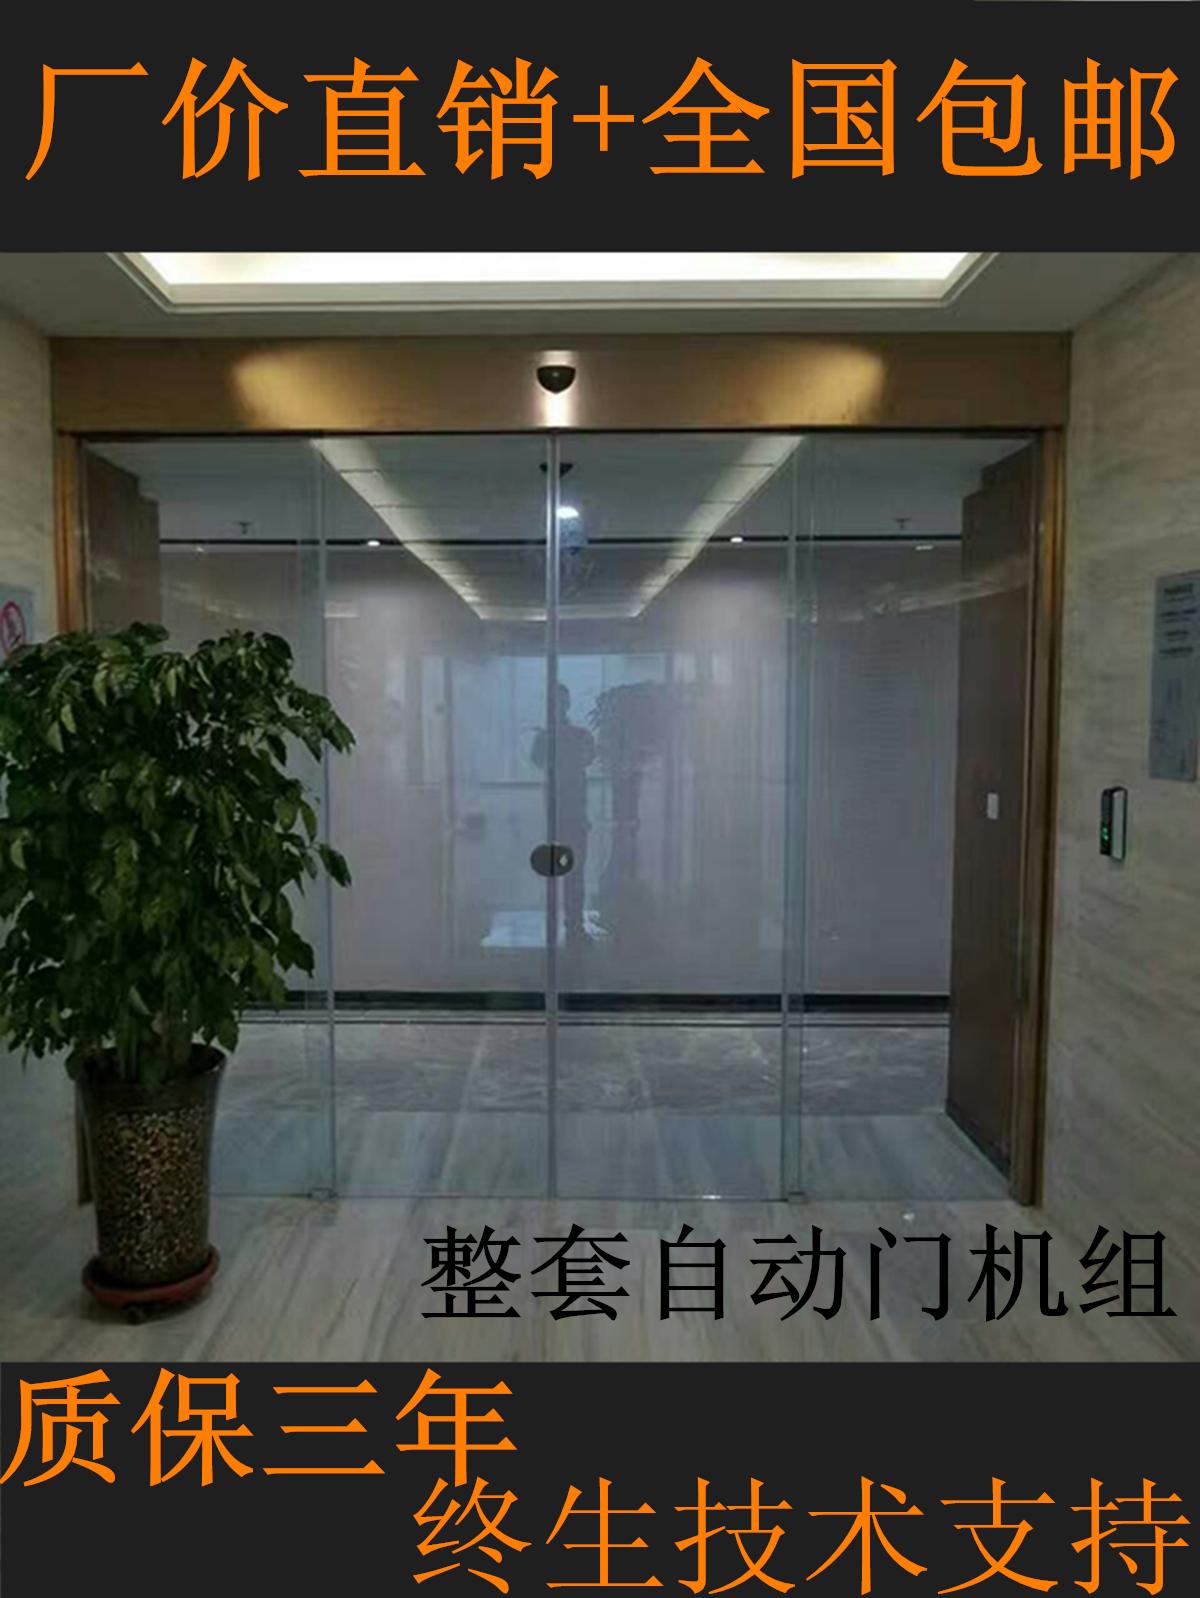 La puerta de vidrio de la puerta automática de equipos eléctricos de inducción de la puerta automática de la máquina principal de todo el conjunto de